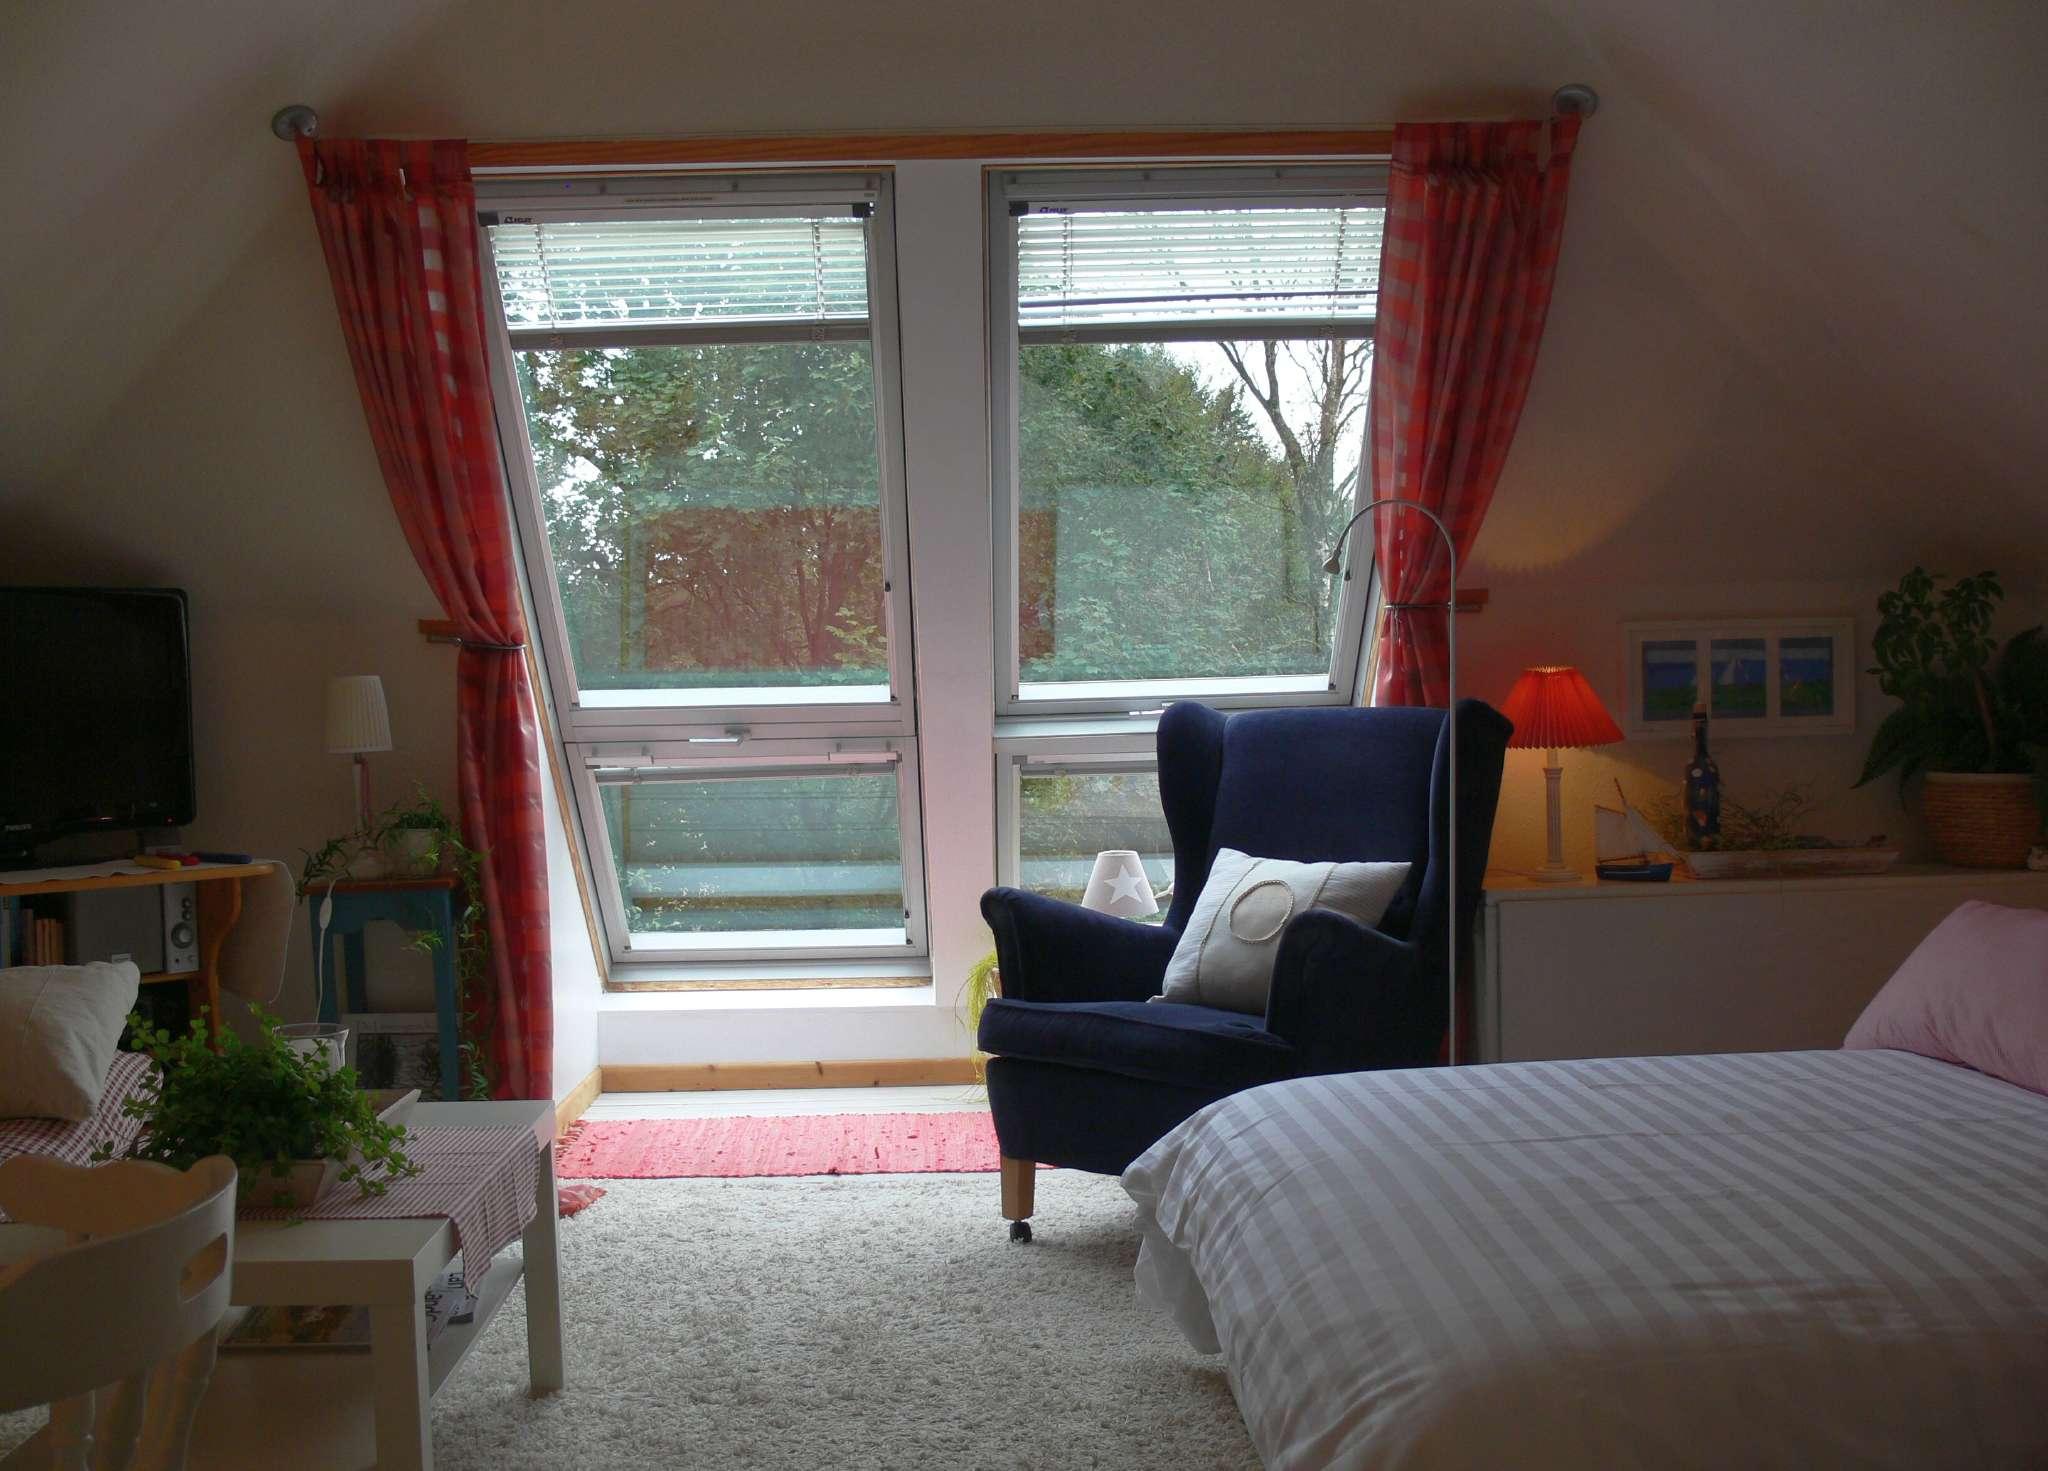 Doppelbett im Schlafraum